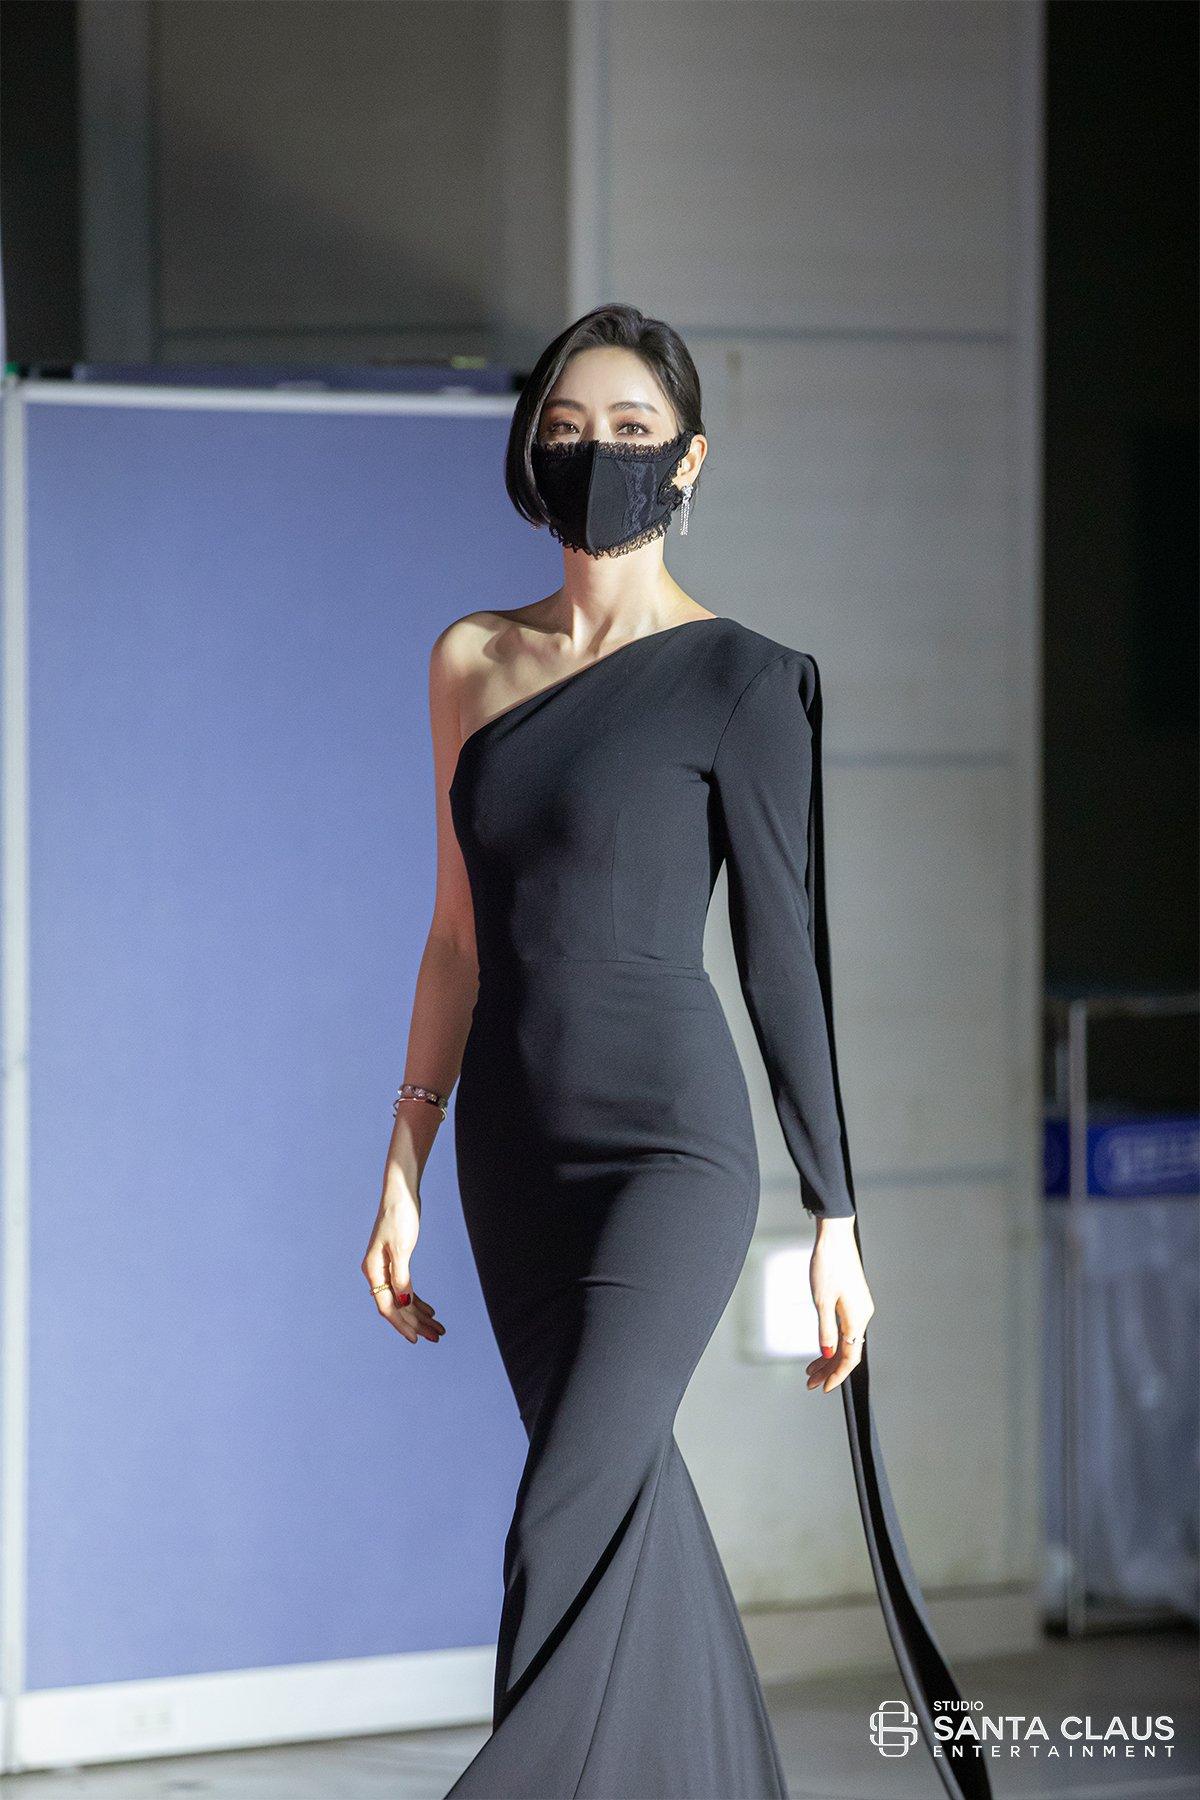 속옷 느낌나는 검은 마스크 쓴 이다희 - 골든디스크 레드카펫 (고화질)